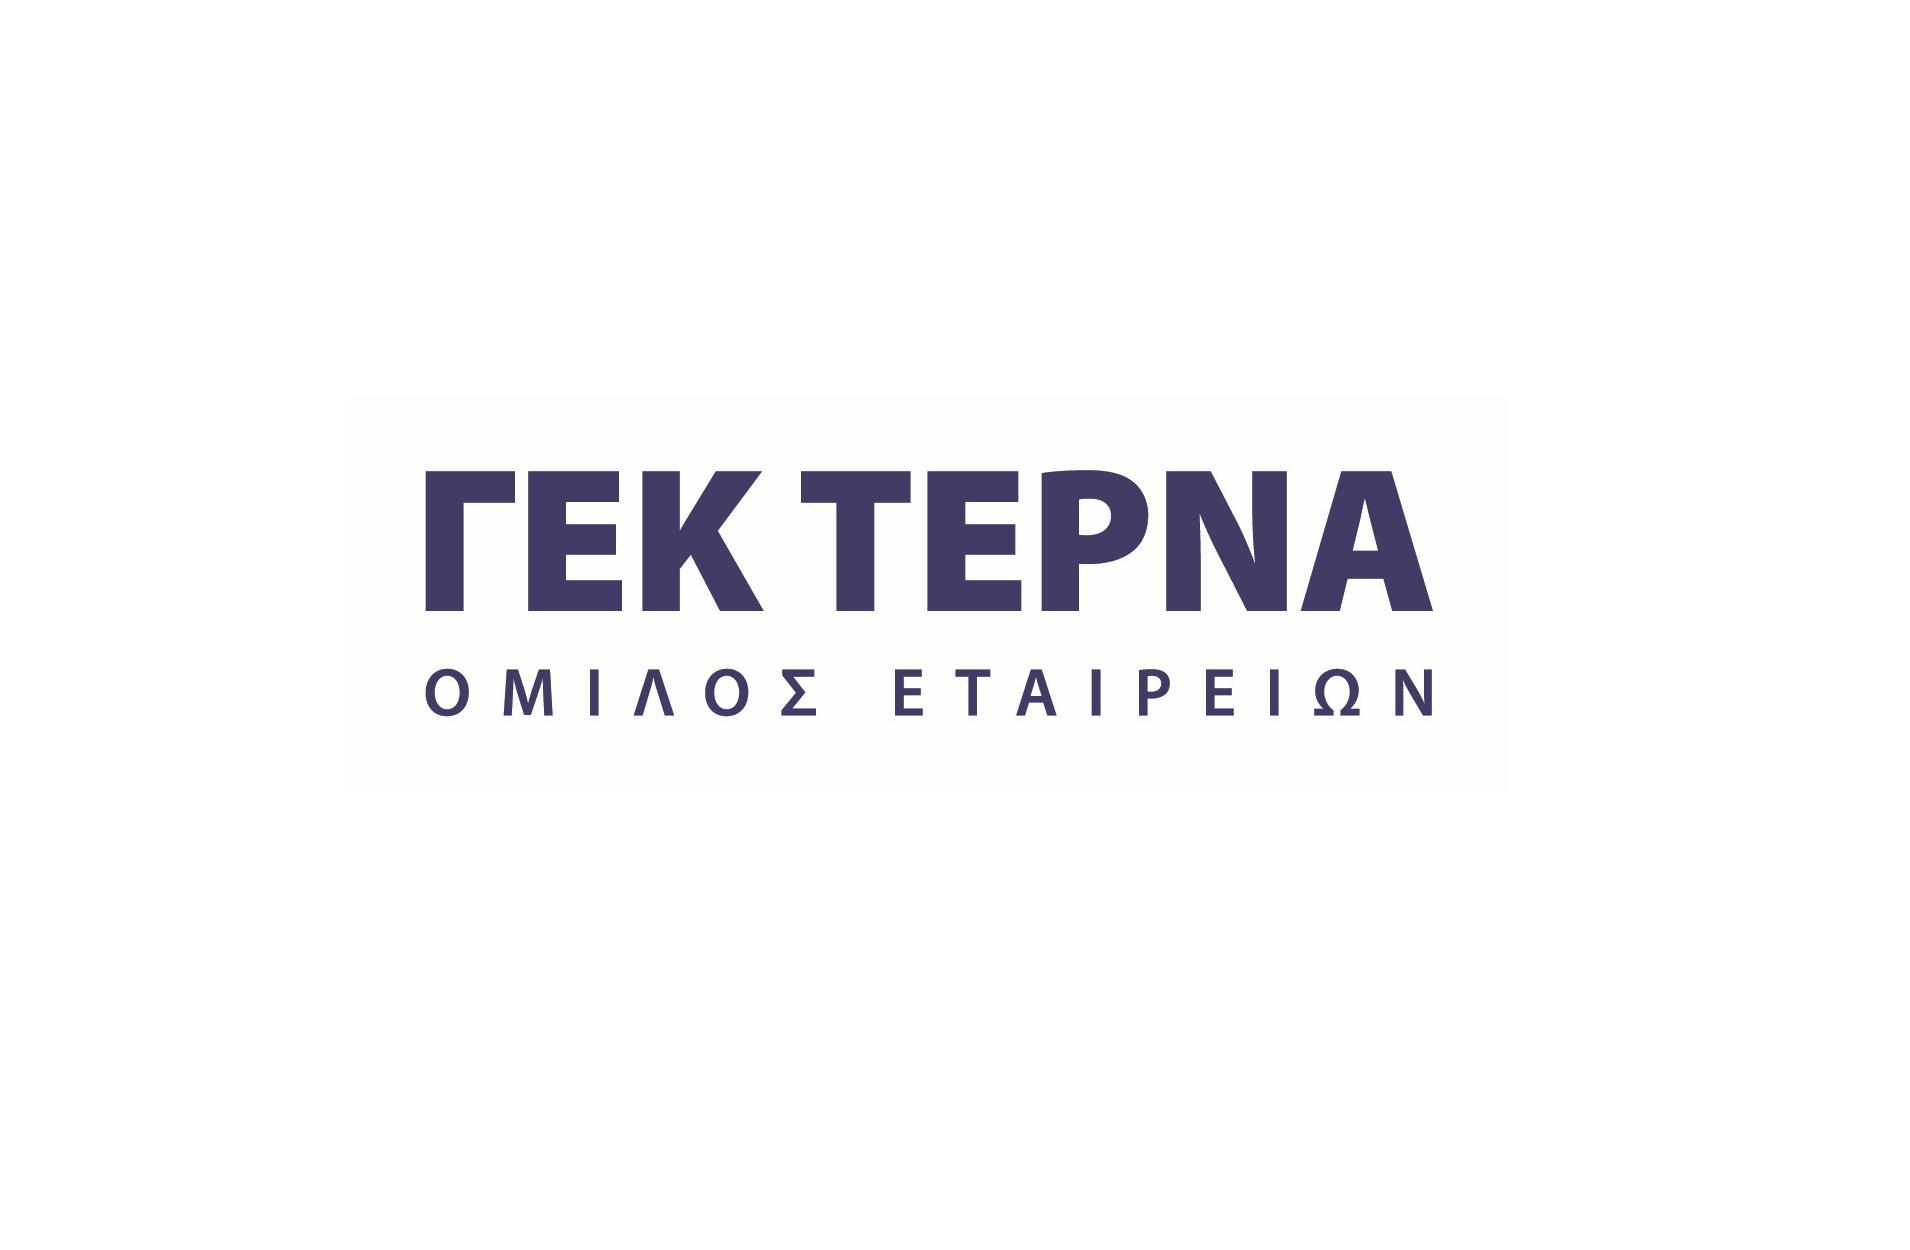 ΓΕΚ Τέρνα: Διαψεύδει το ενδεχόμενο αύξησης μετοχικού κεφαλαίου